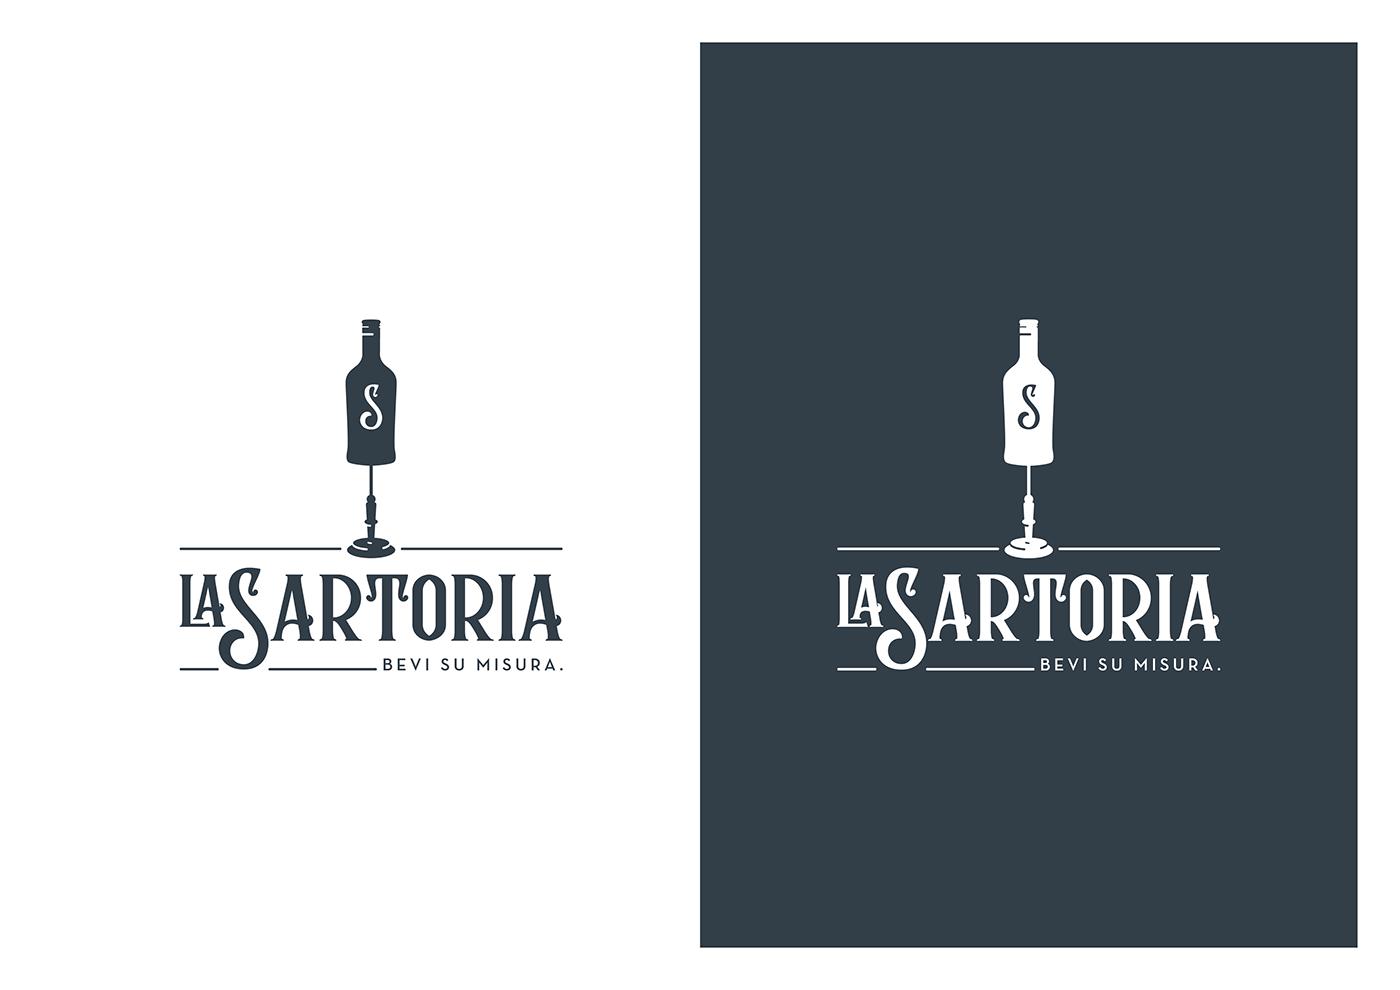 brand identity architecture ADV Advertising  logo Logo Design corporate Brand Design graphic